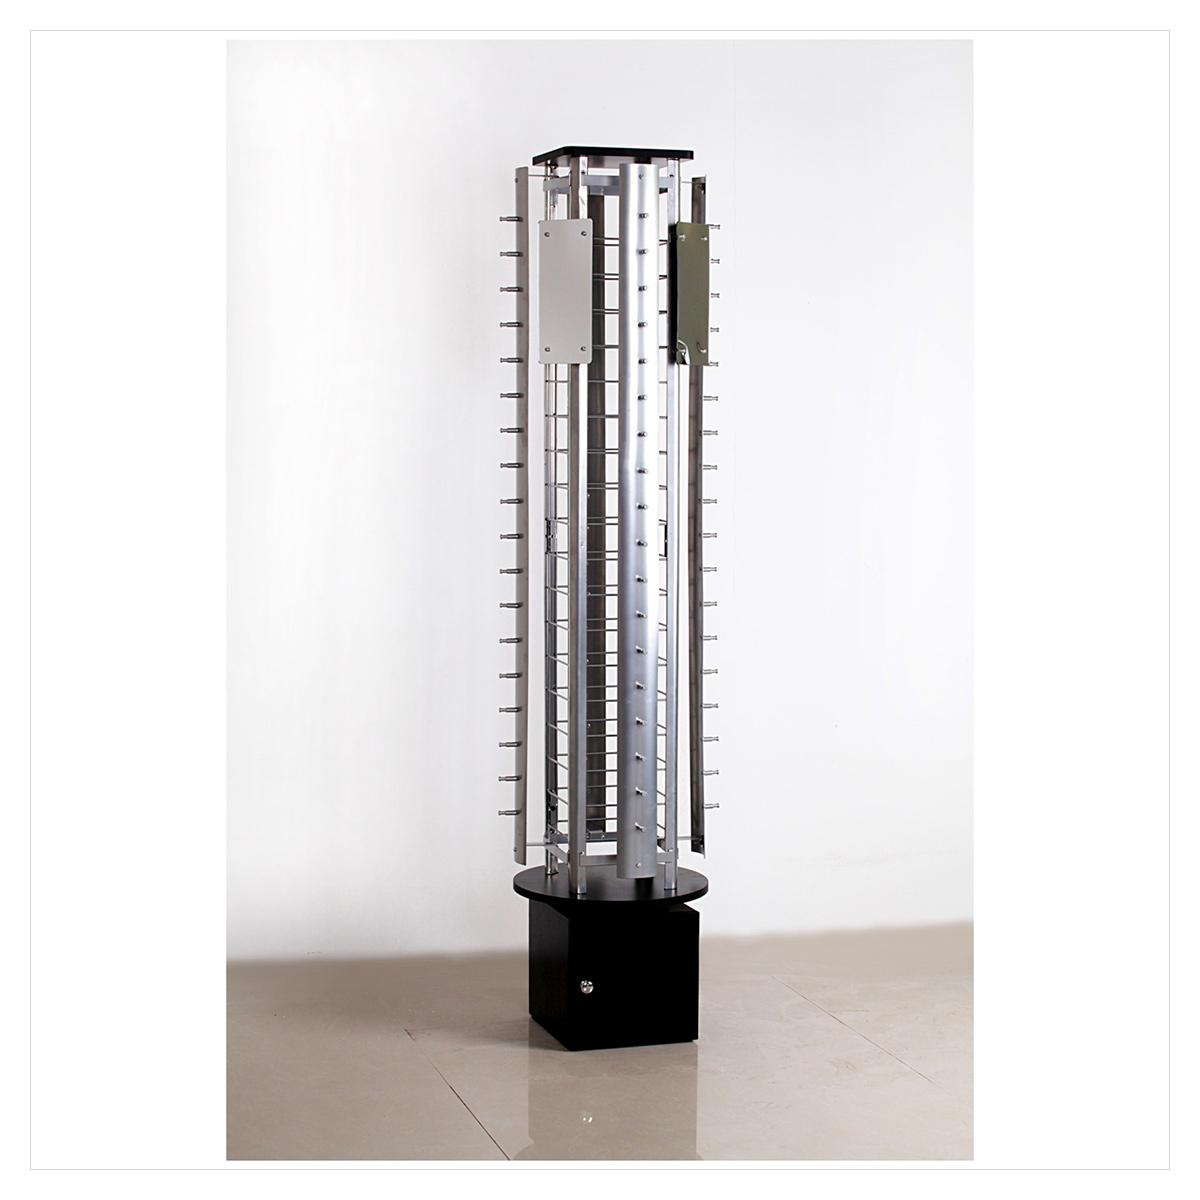 Sunglass Rack Tower - 72 Pairs